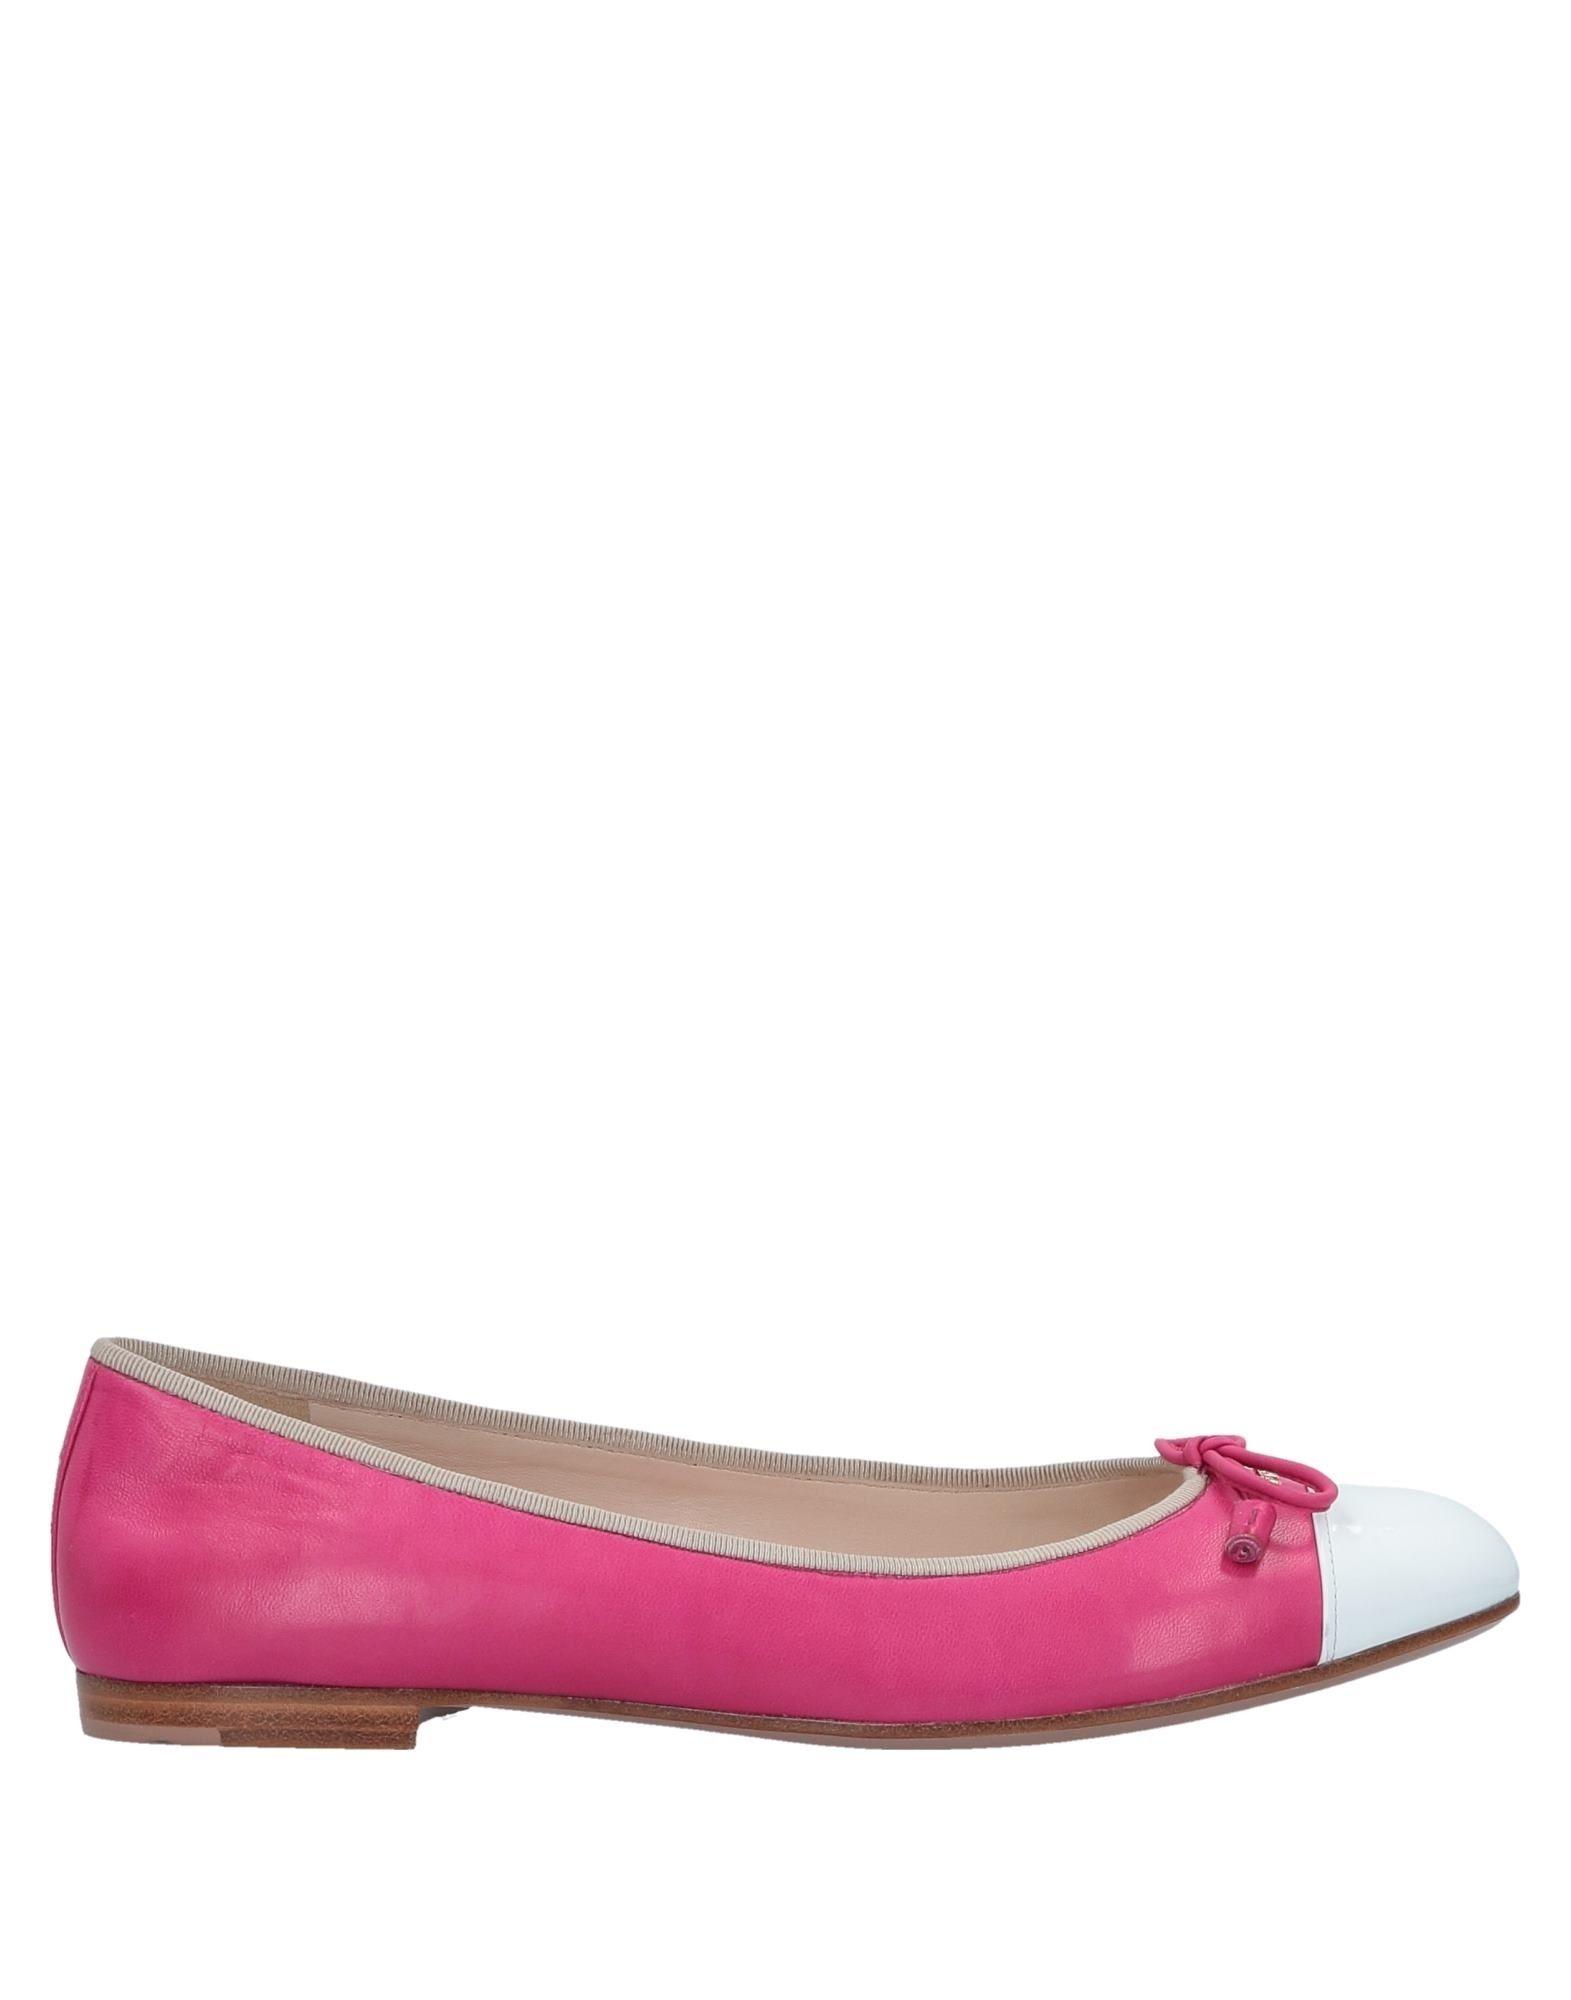 Prada Ballerinas Damen  11524044ALGünstige Schuhe gut aussehende Schuhe 11524044ALGünstige 5ec171